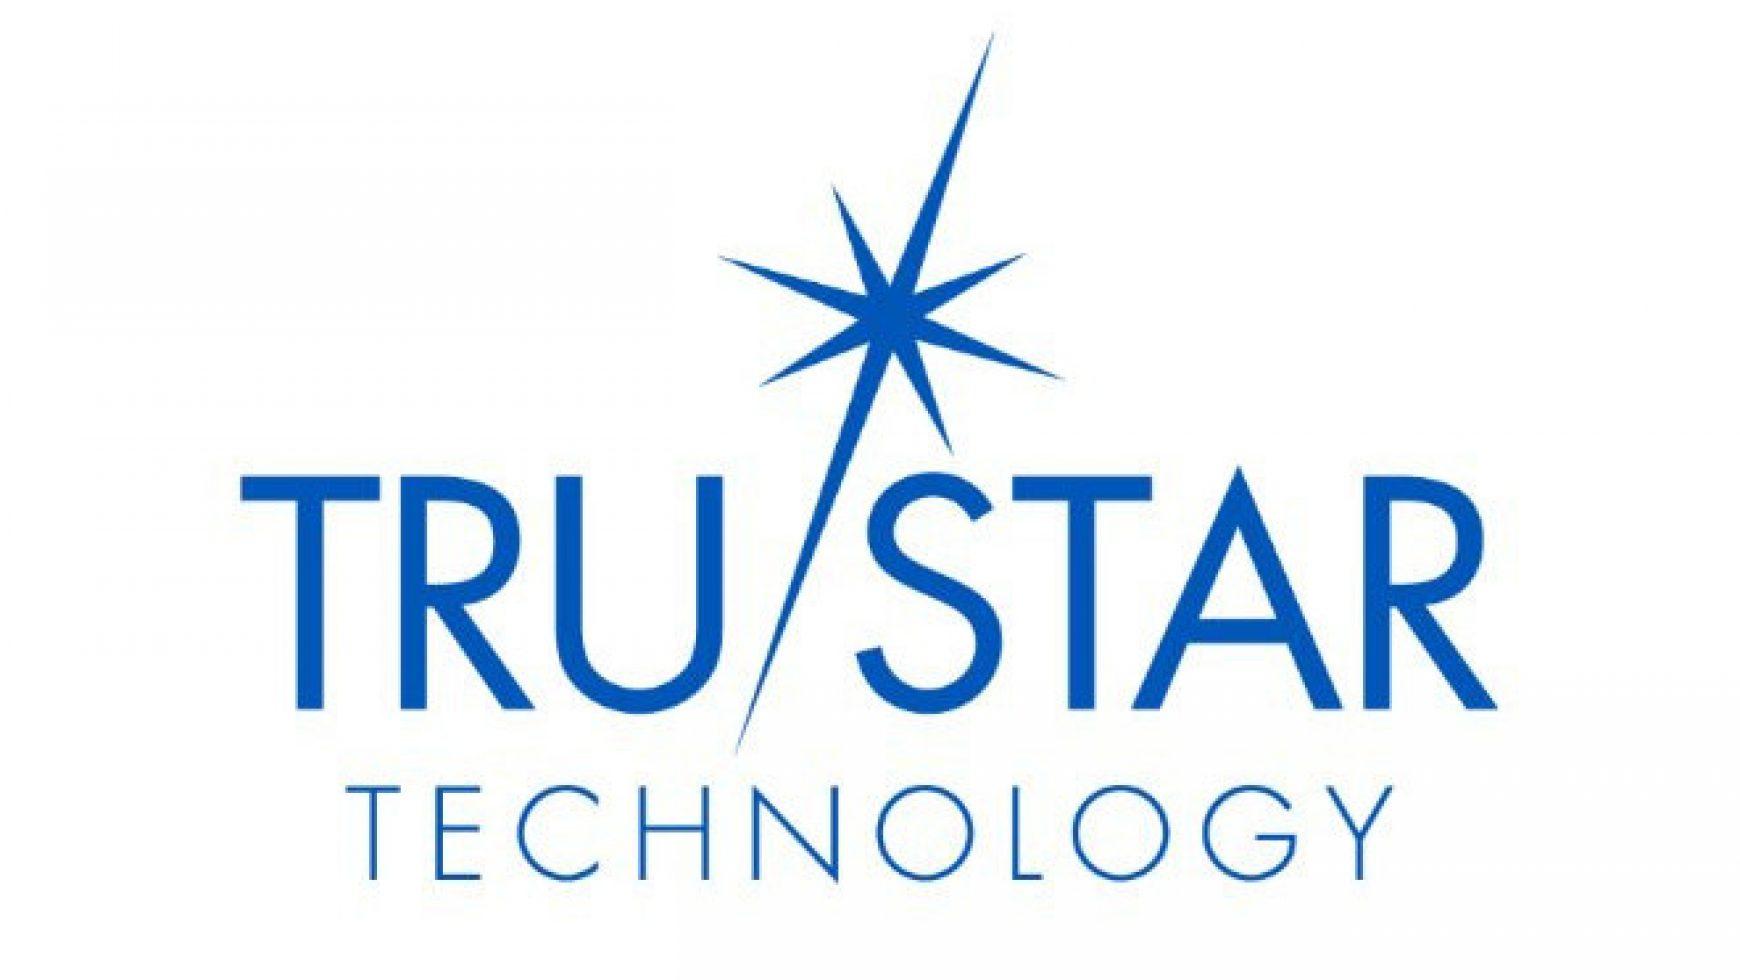 TruSTAR Technology